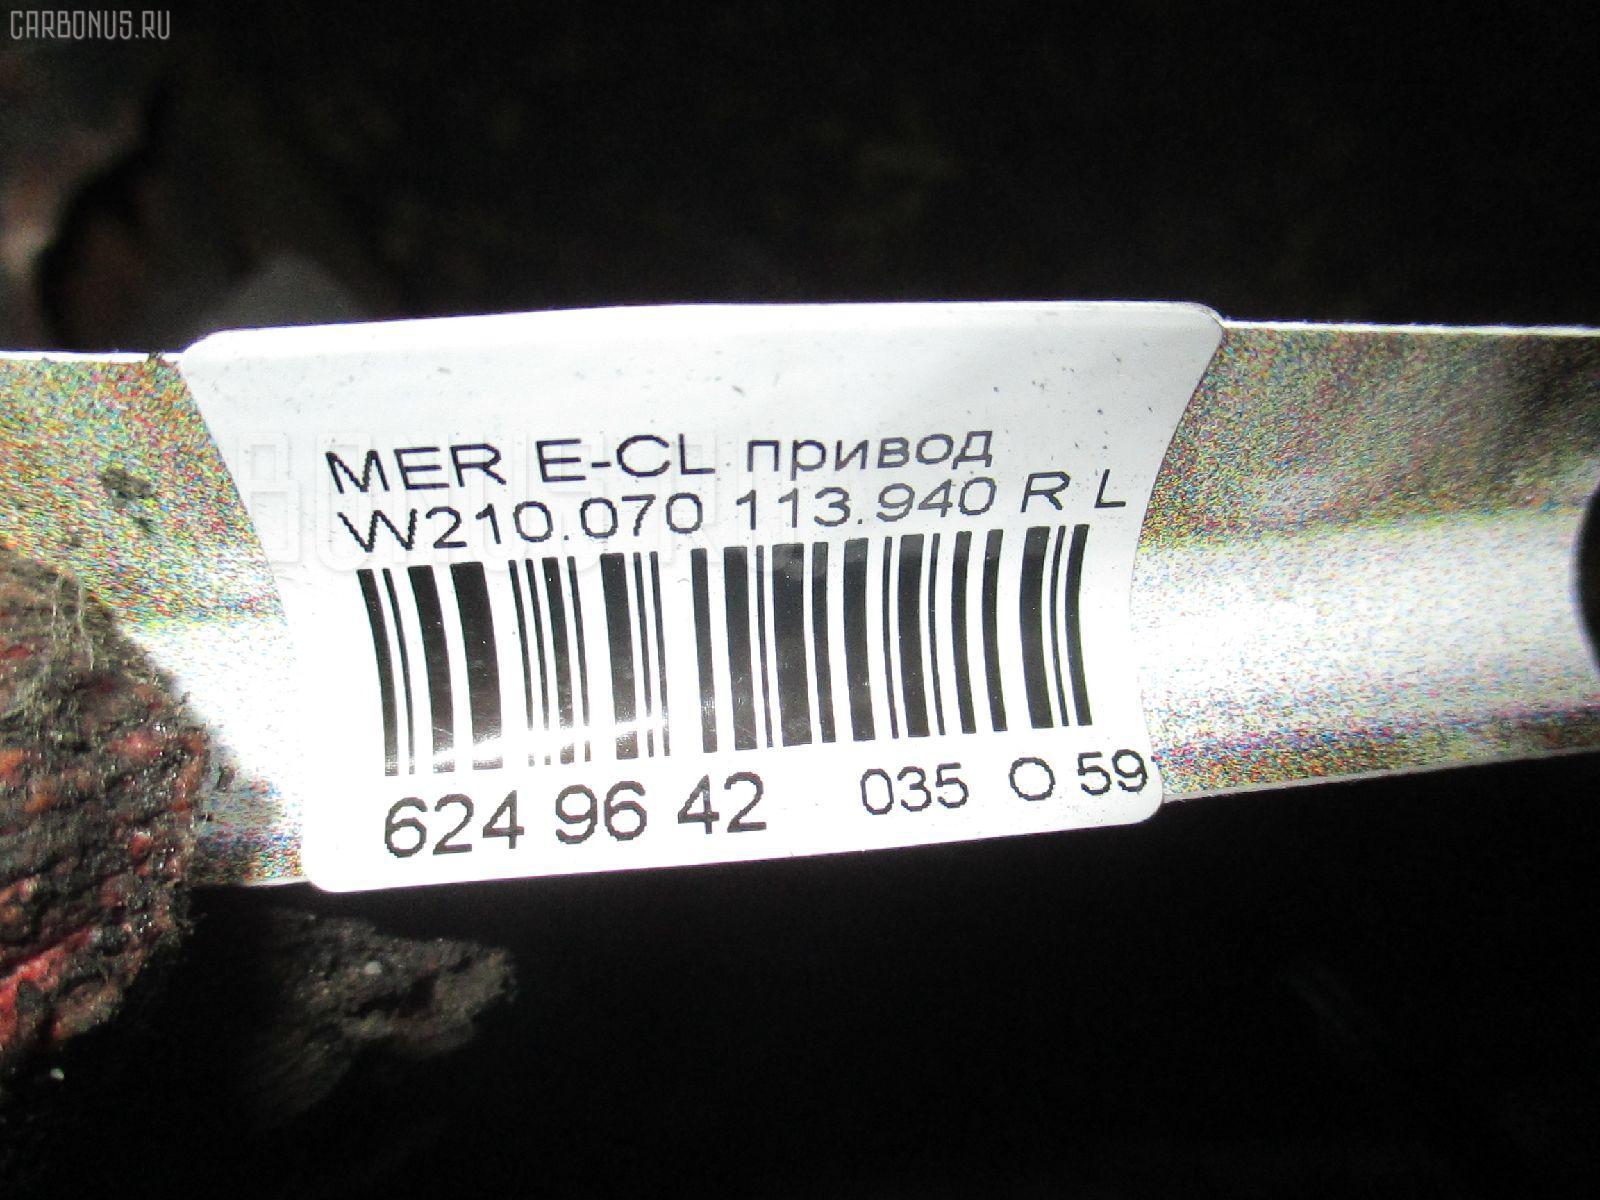 Привод MERCEDES-BENZ E-CLASS W210.070 113.940 Фото 3